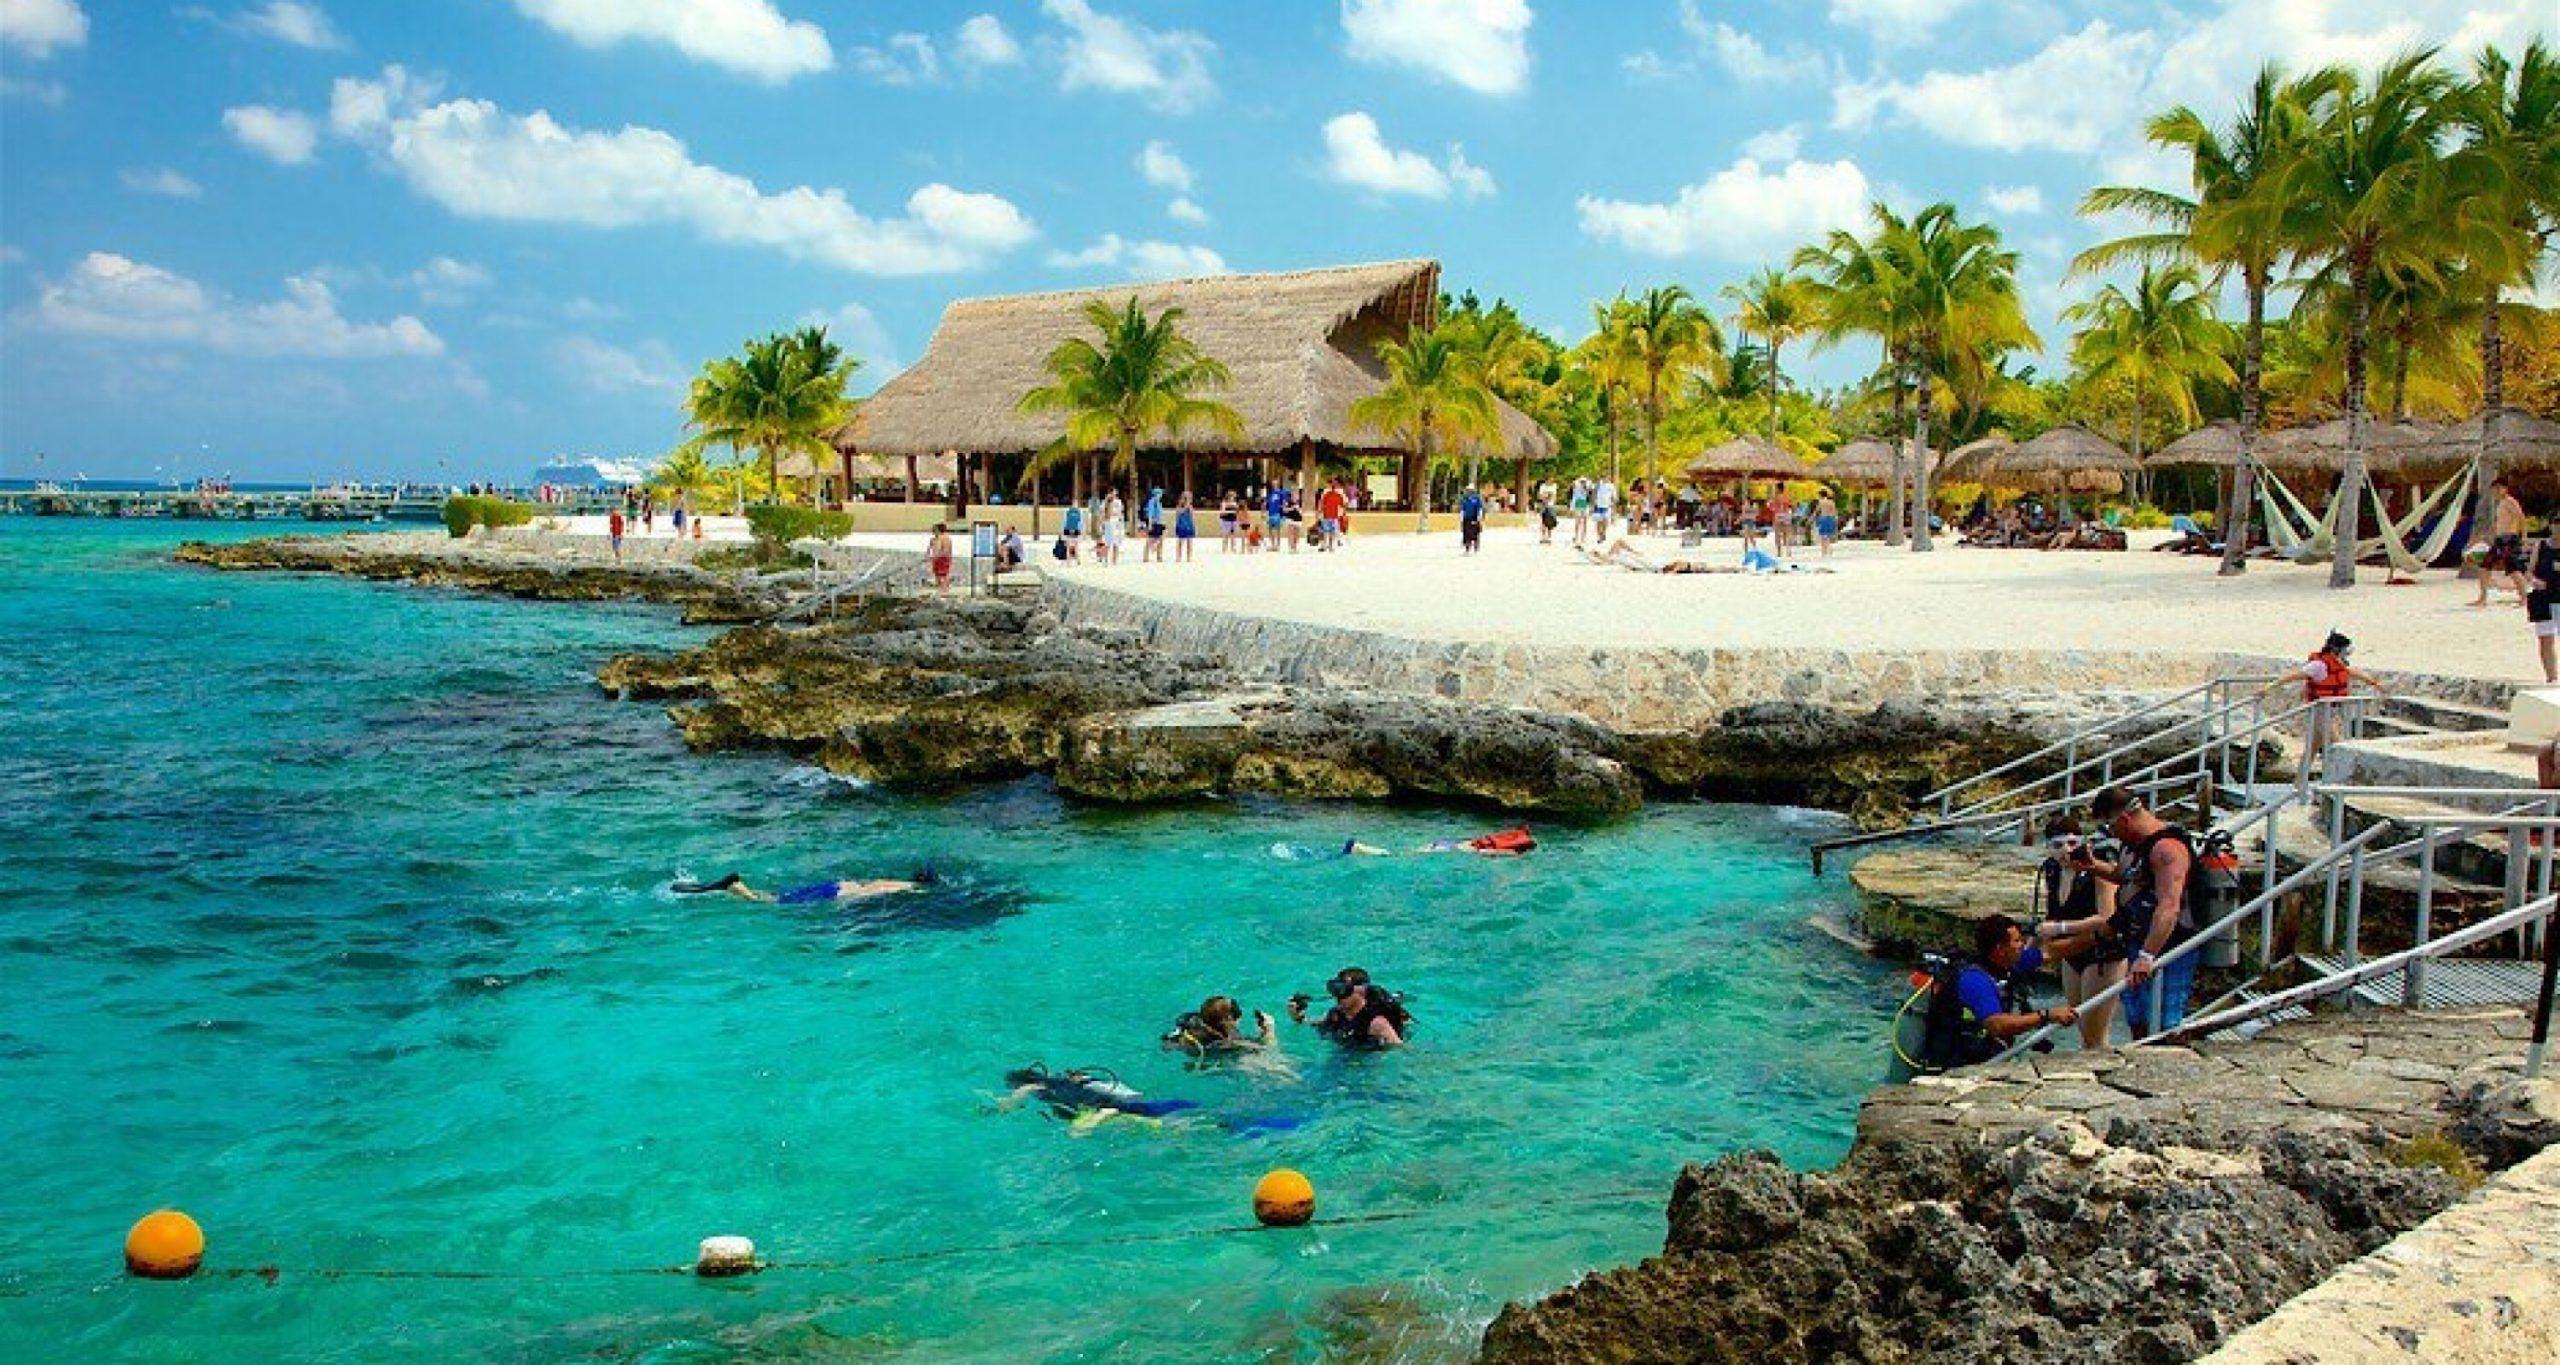 Circuito turístico Chetumal-Bacalar-Mahahual-X´Calak: turismo alternativo sustentable con base en el sistema hidrológico: Laguna de Bacalar, Bahía de Chetumal-Mar Caribe, Resort 5 estrellas